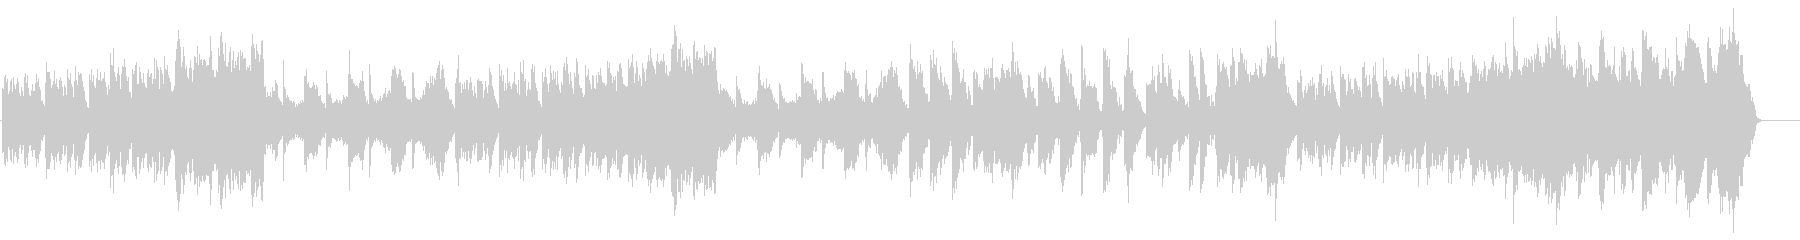 ニューエイジ系 ネイチャー・サウンドの未再生の波形